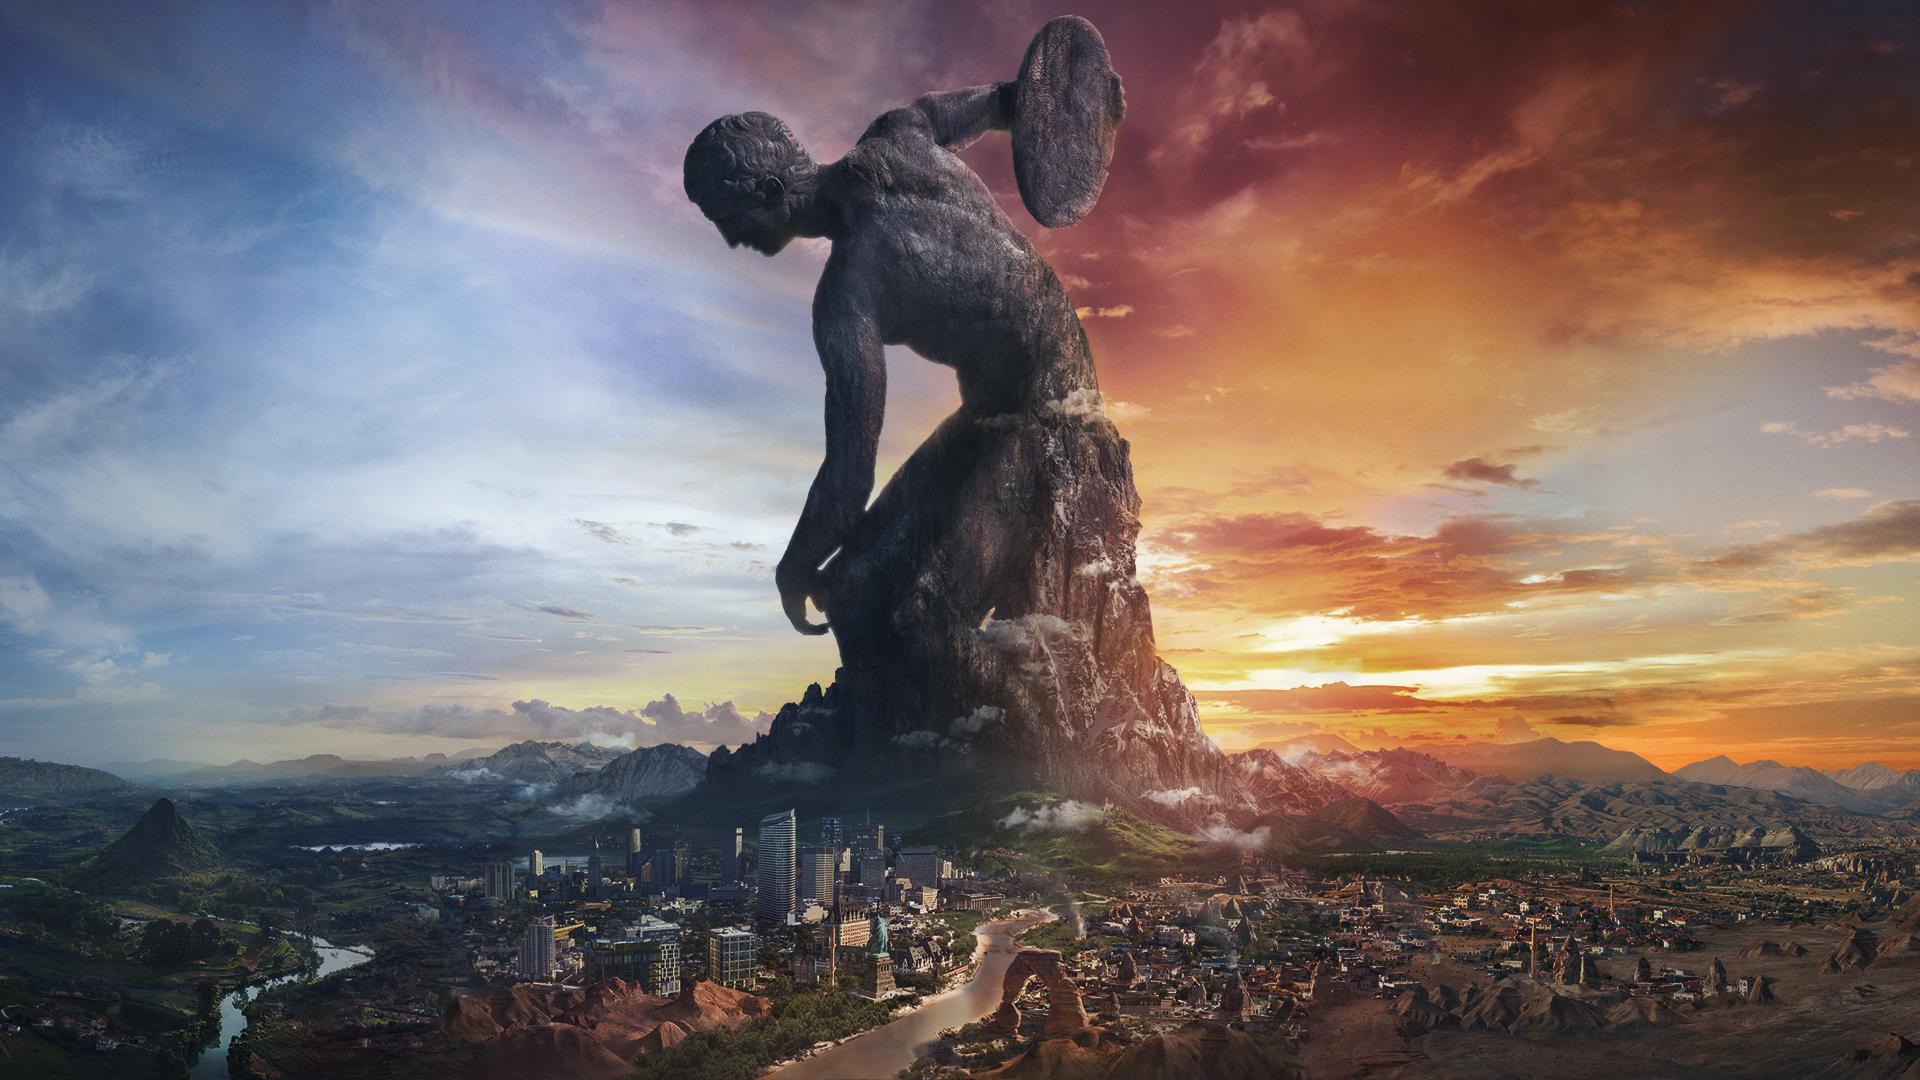 lanceur de disque, statue surplombant une immense cité